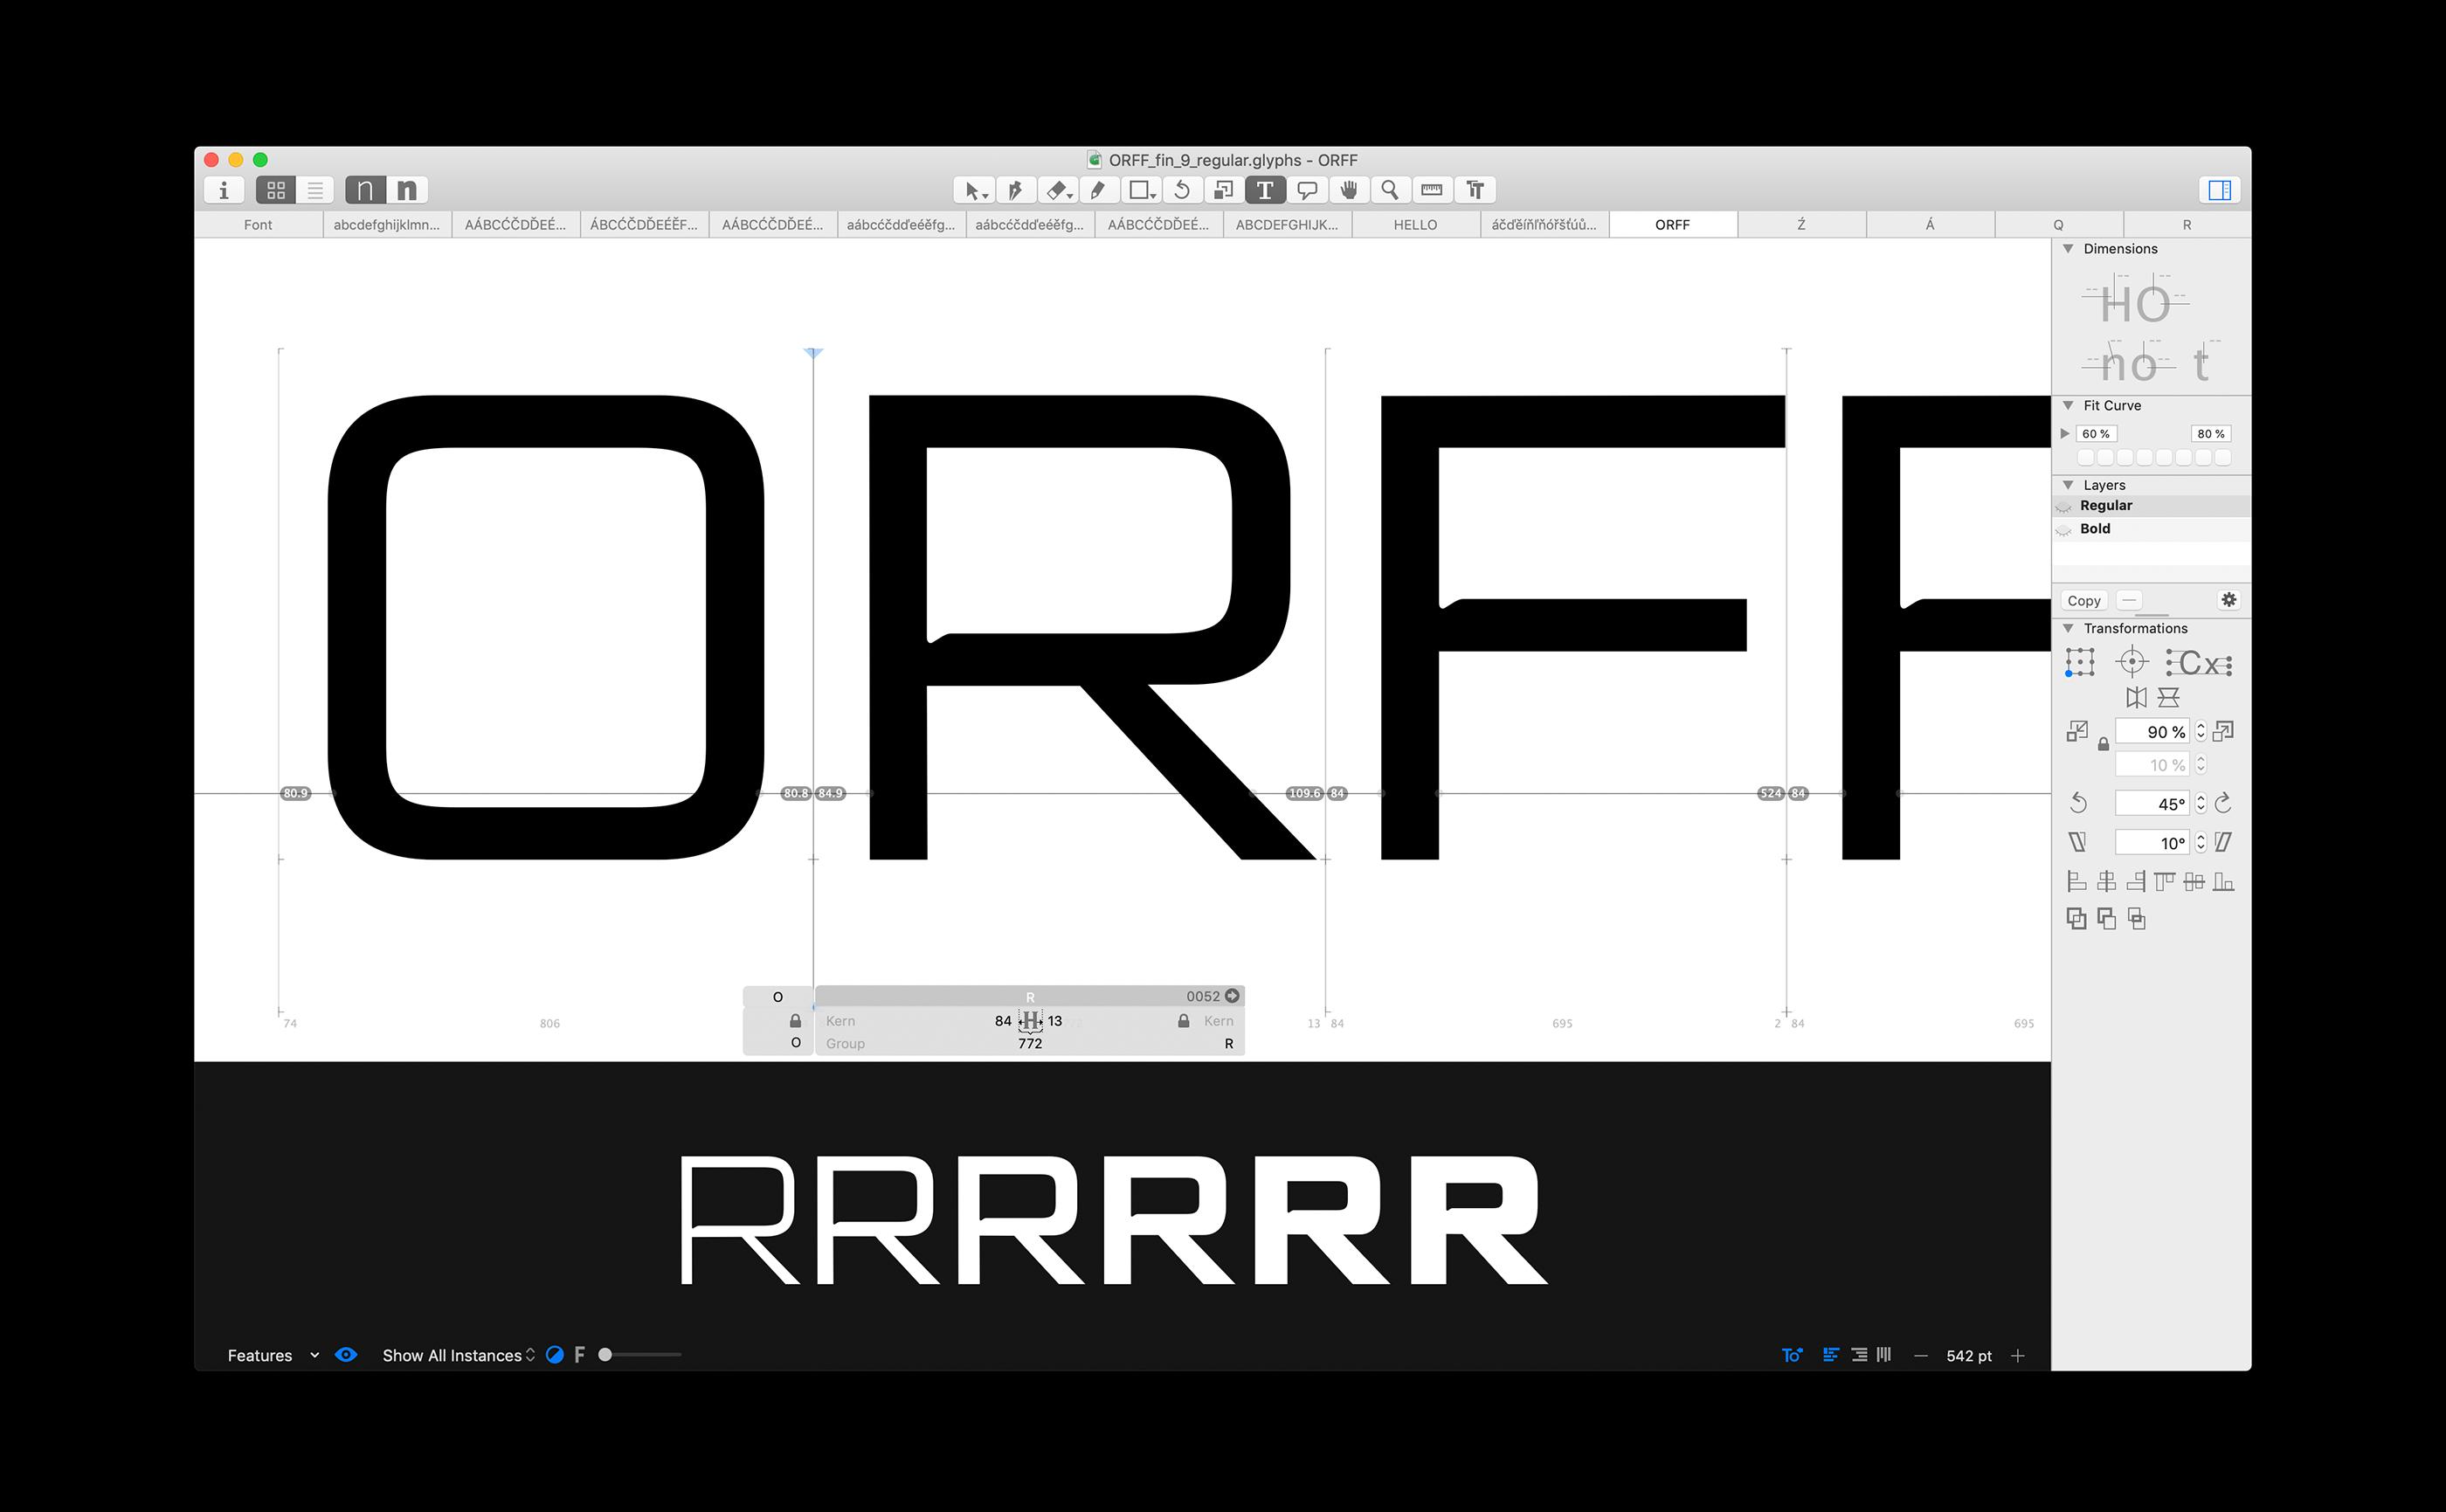 ORFF_promo_4